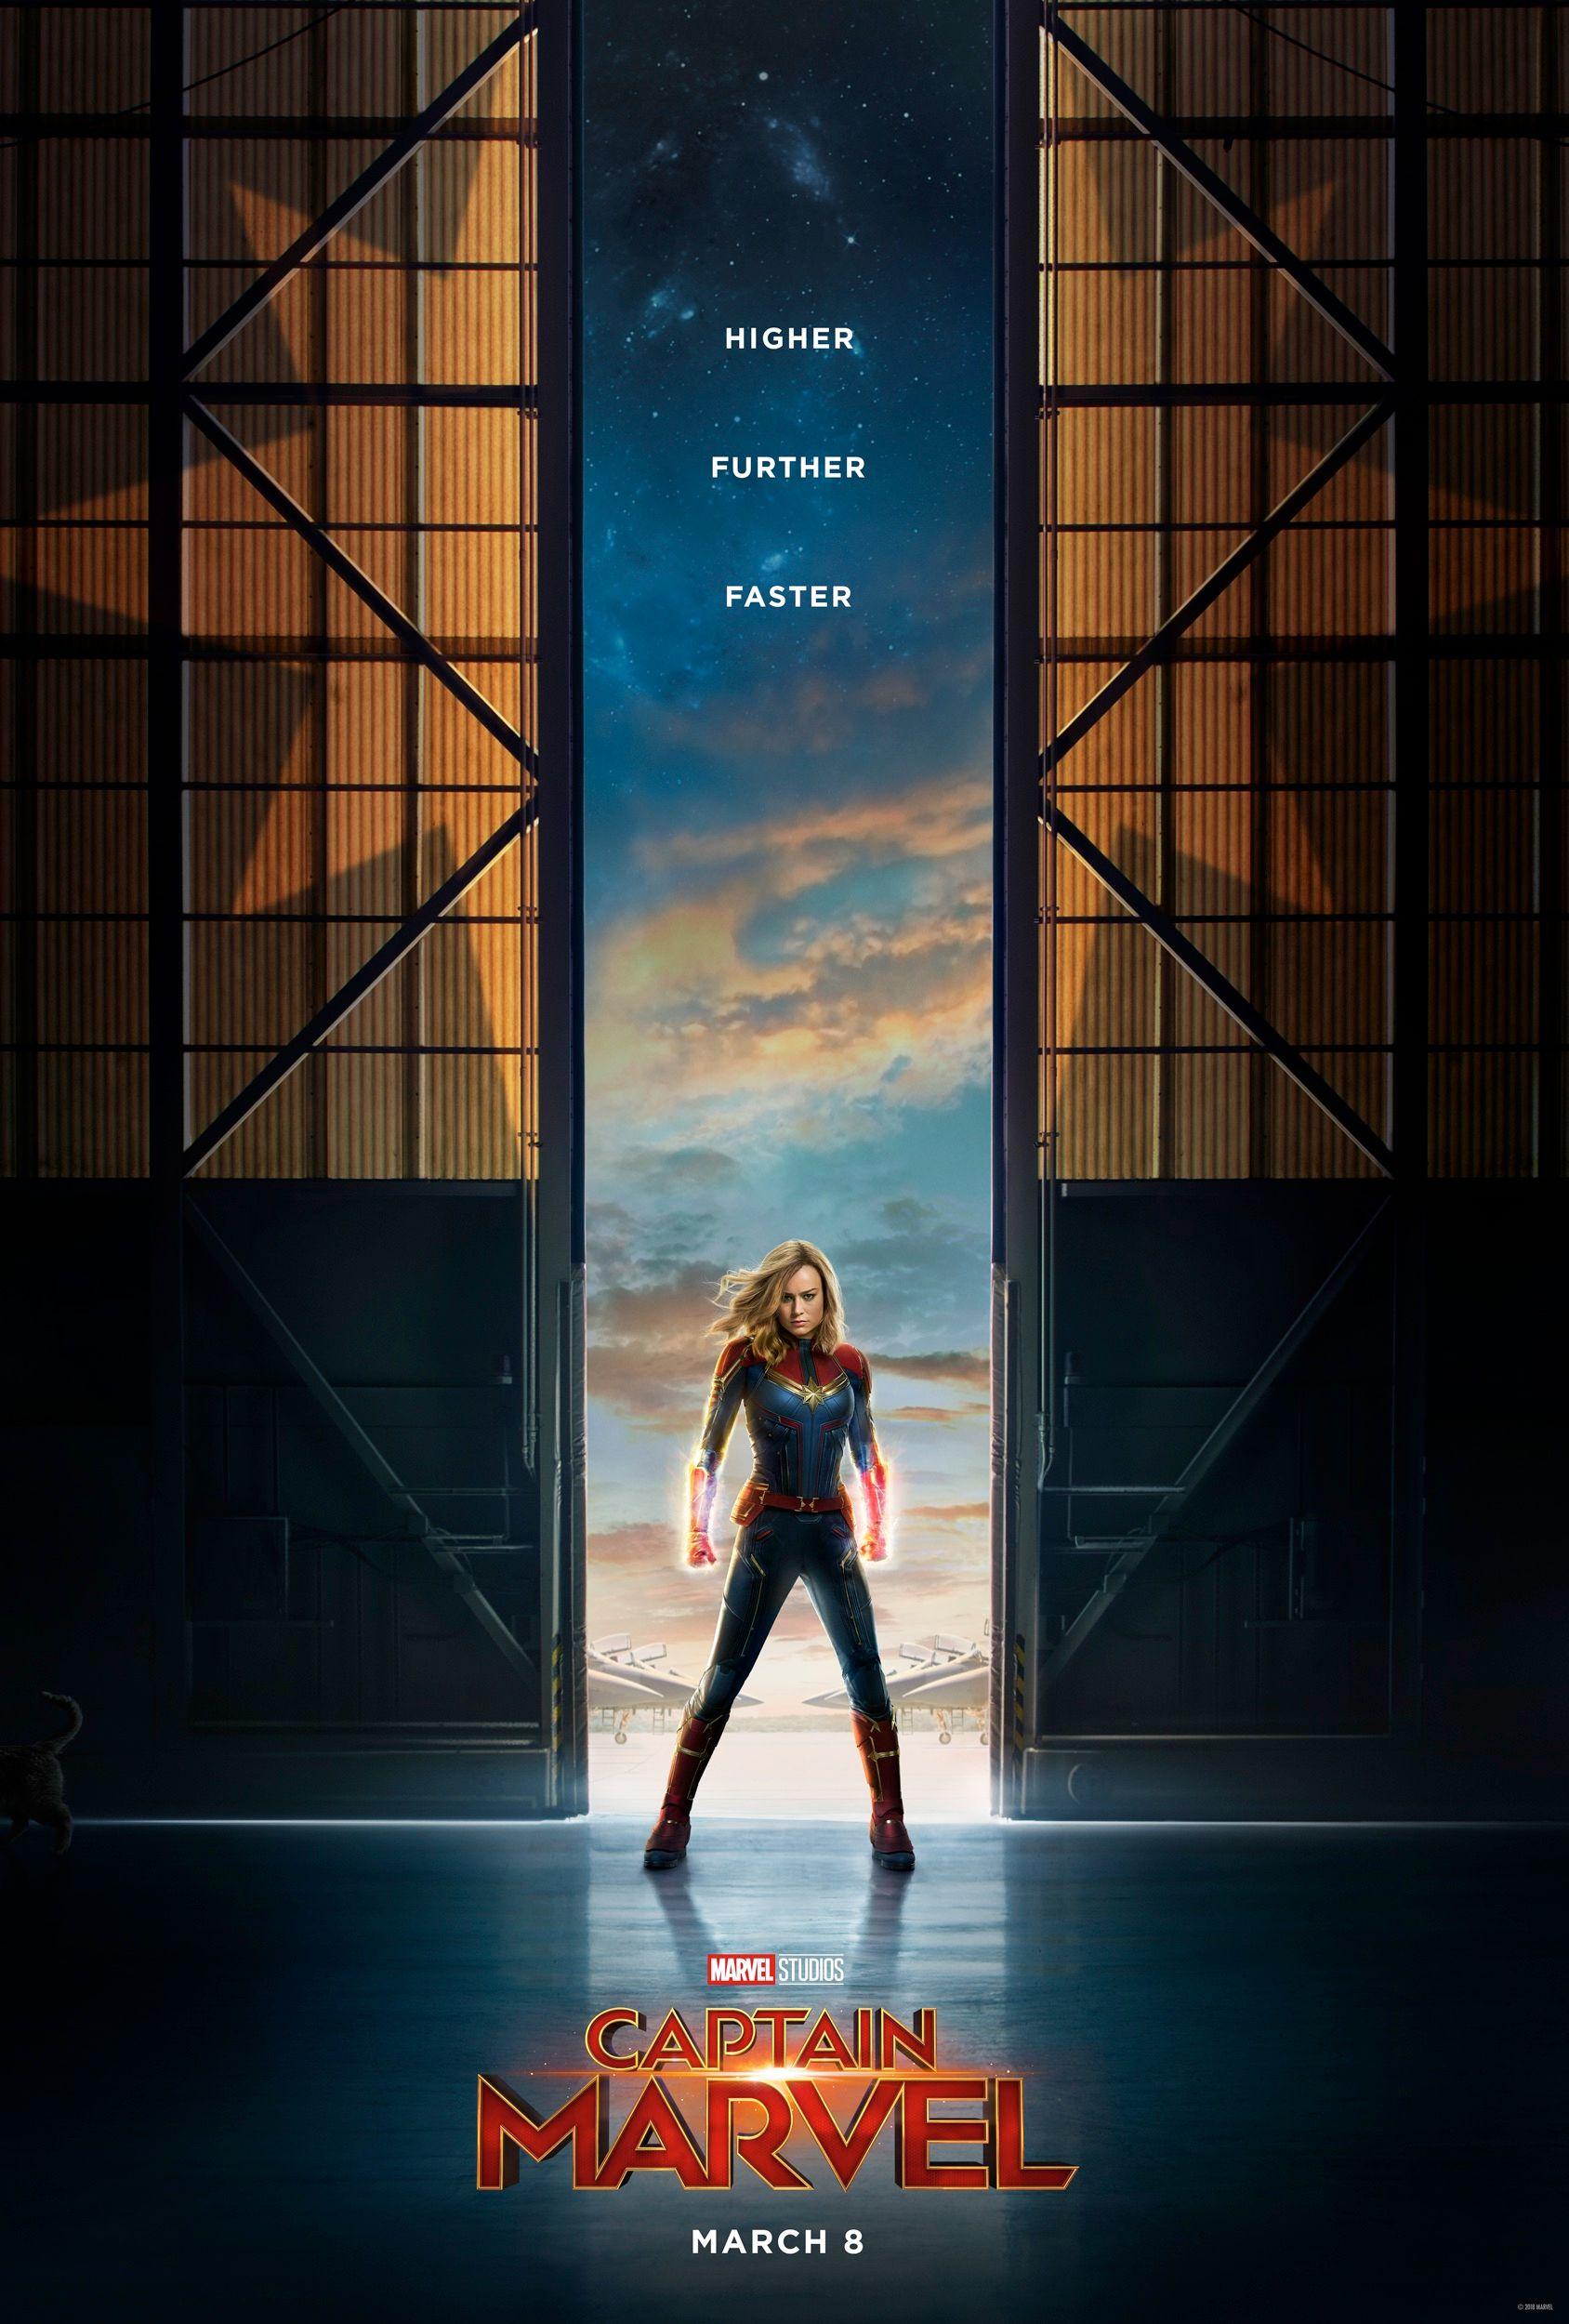 Captain-Marvel-official-movie-poster.jpg